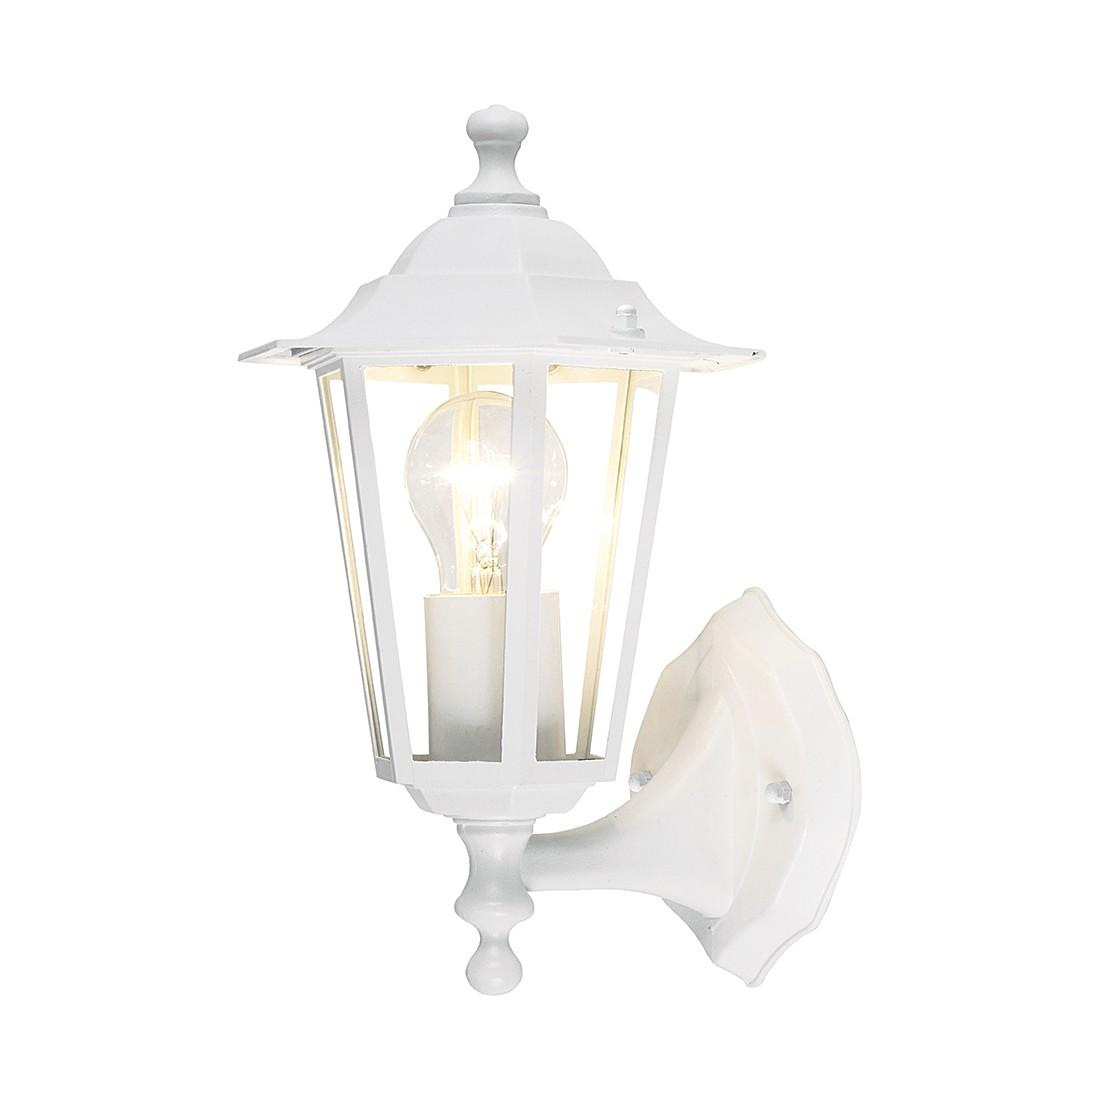 EEK A++, Außenleuchte Sally - Metall & Kunststoff - Weiß - 1-fl bei Home24 - Gartenmöbel